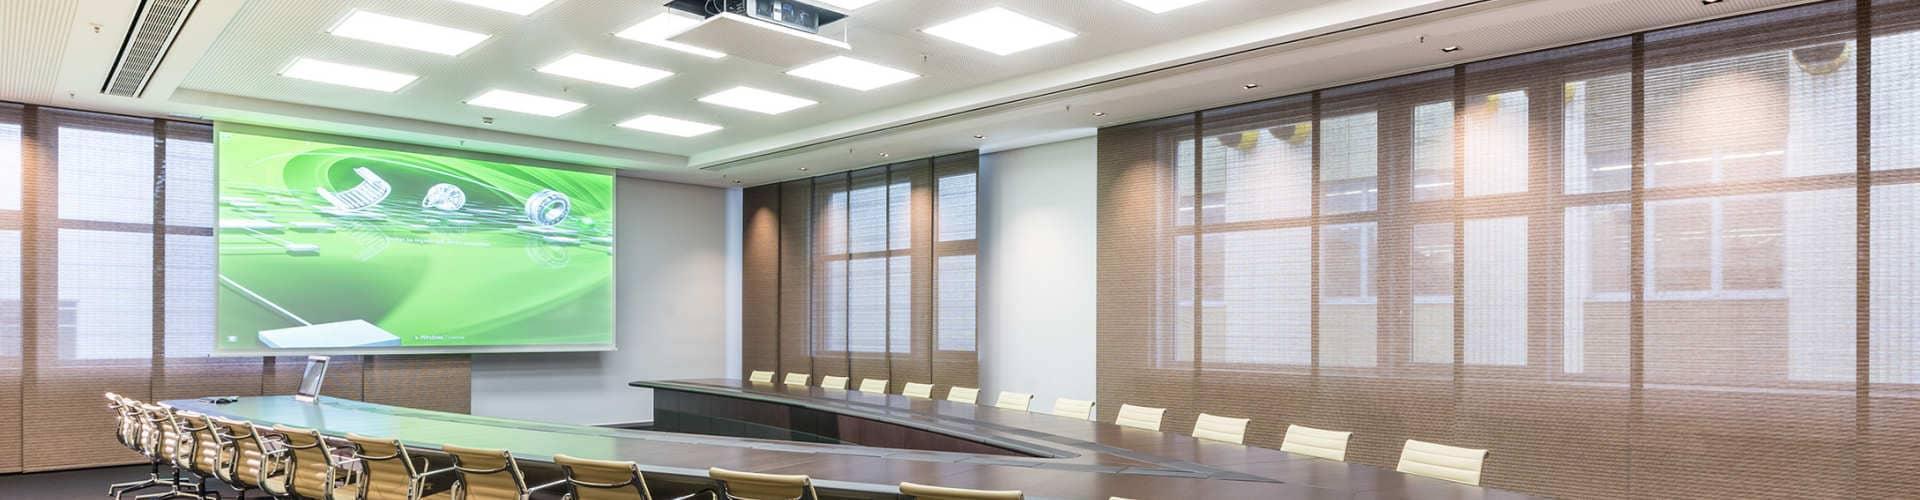 Referenzen Konferenzraumtechnik